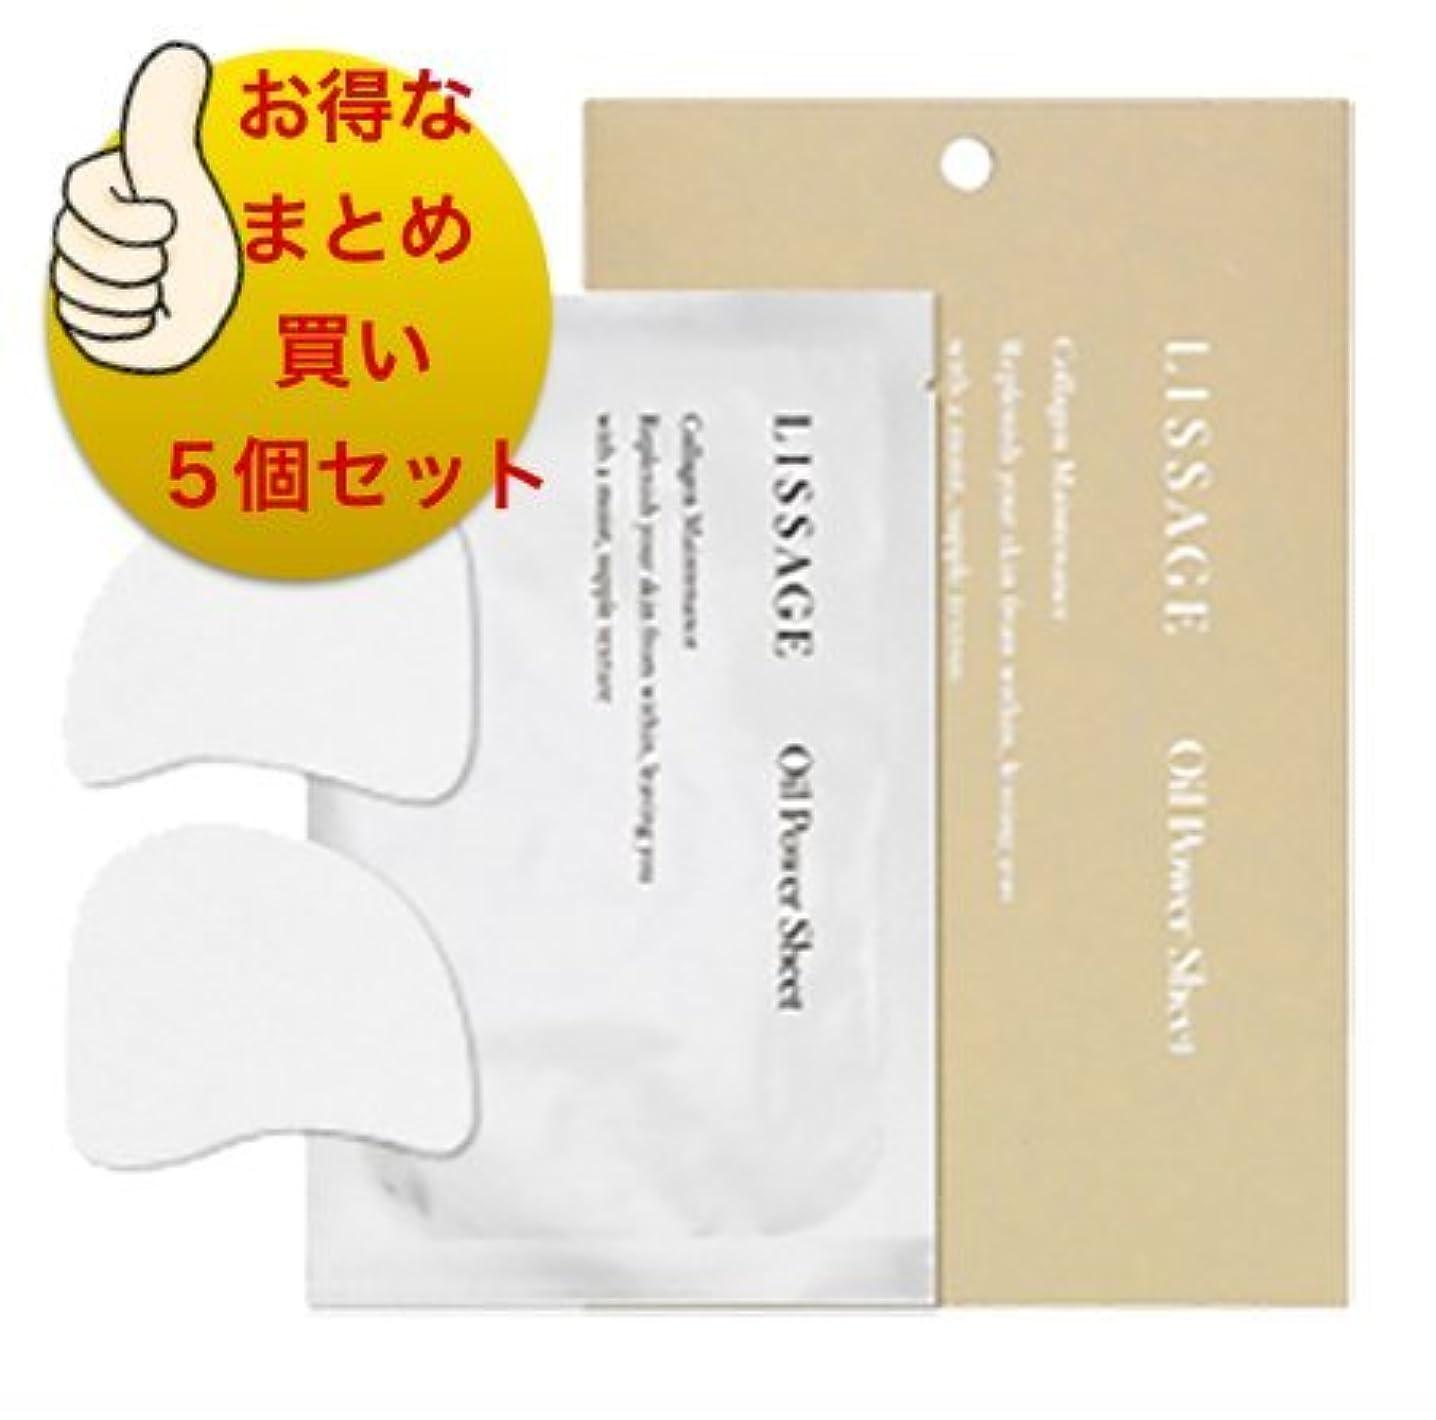 外観晩ごはん無能【リサージ】LISSAGE (リサージ) オイルパワーシート (3セット (6枚)) .の5個まとめ買いセット